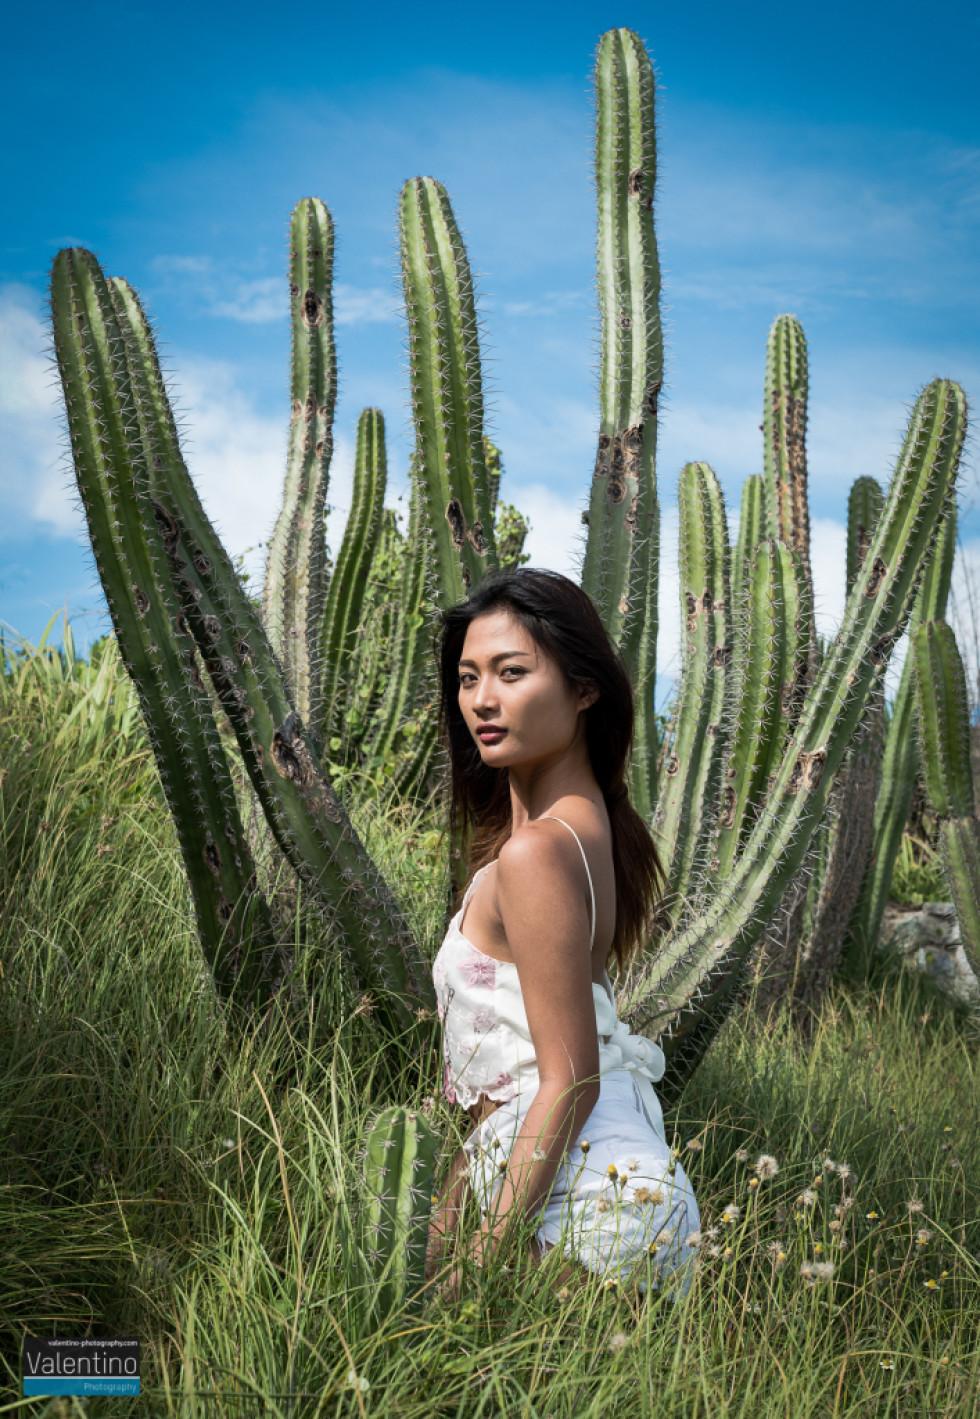 Elle Cactus on Koh Larn Island